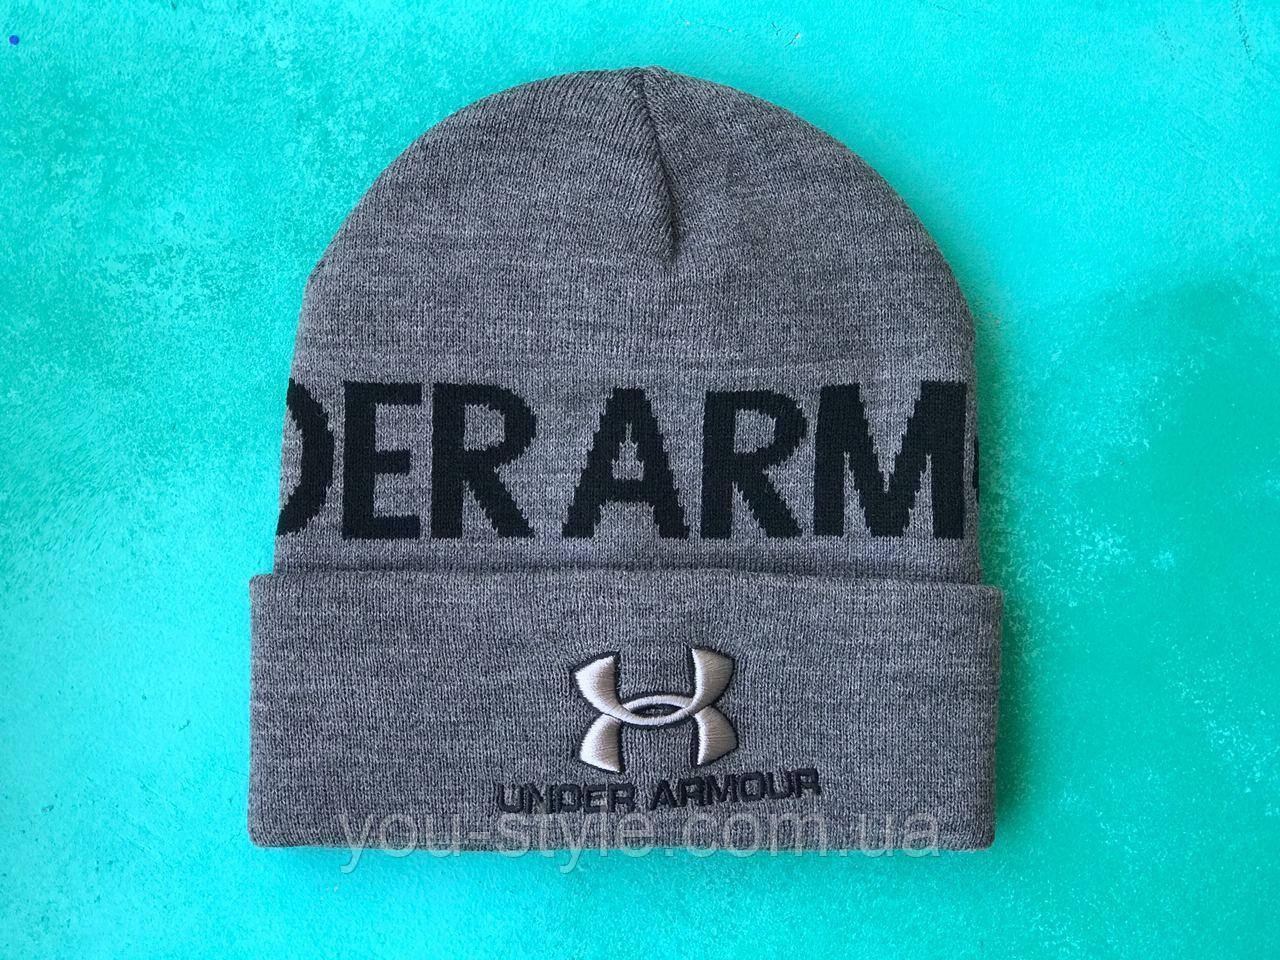 Шапка Under Armour  / шапка андер амур/ шапка женская/шапка мужская/серый